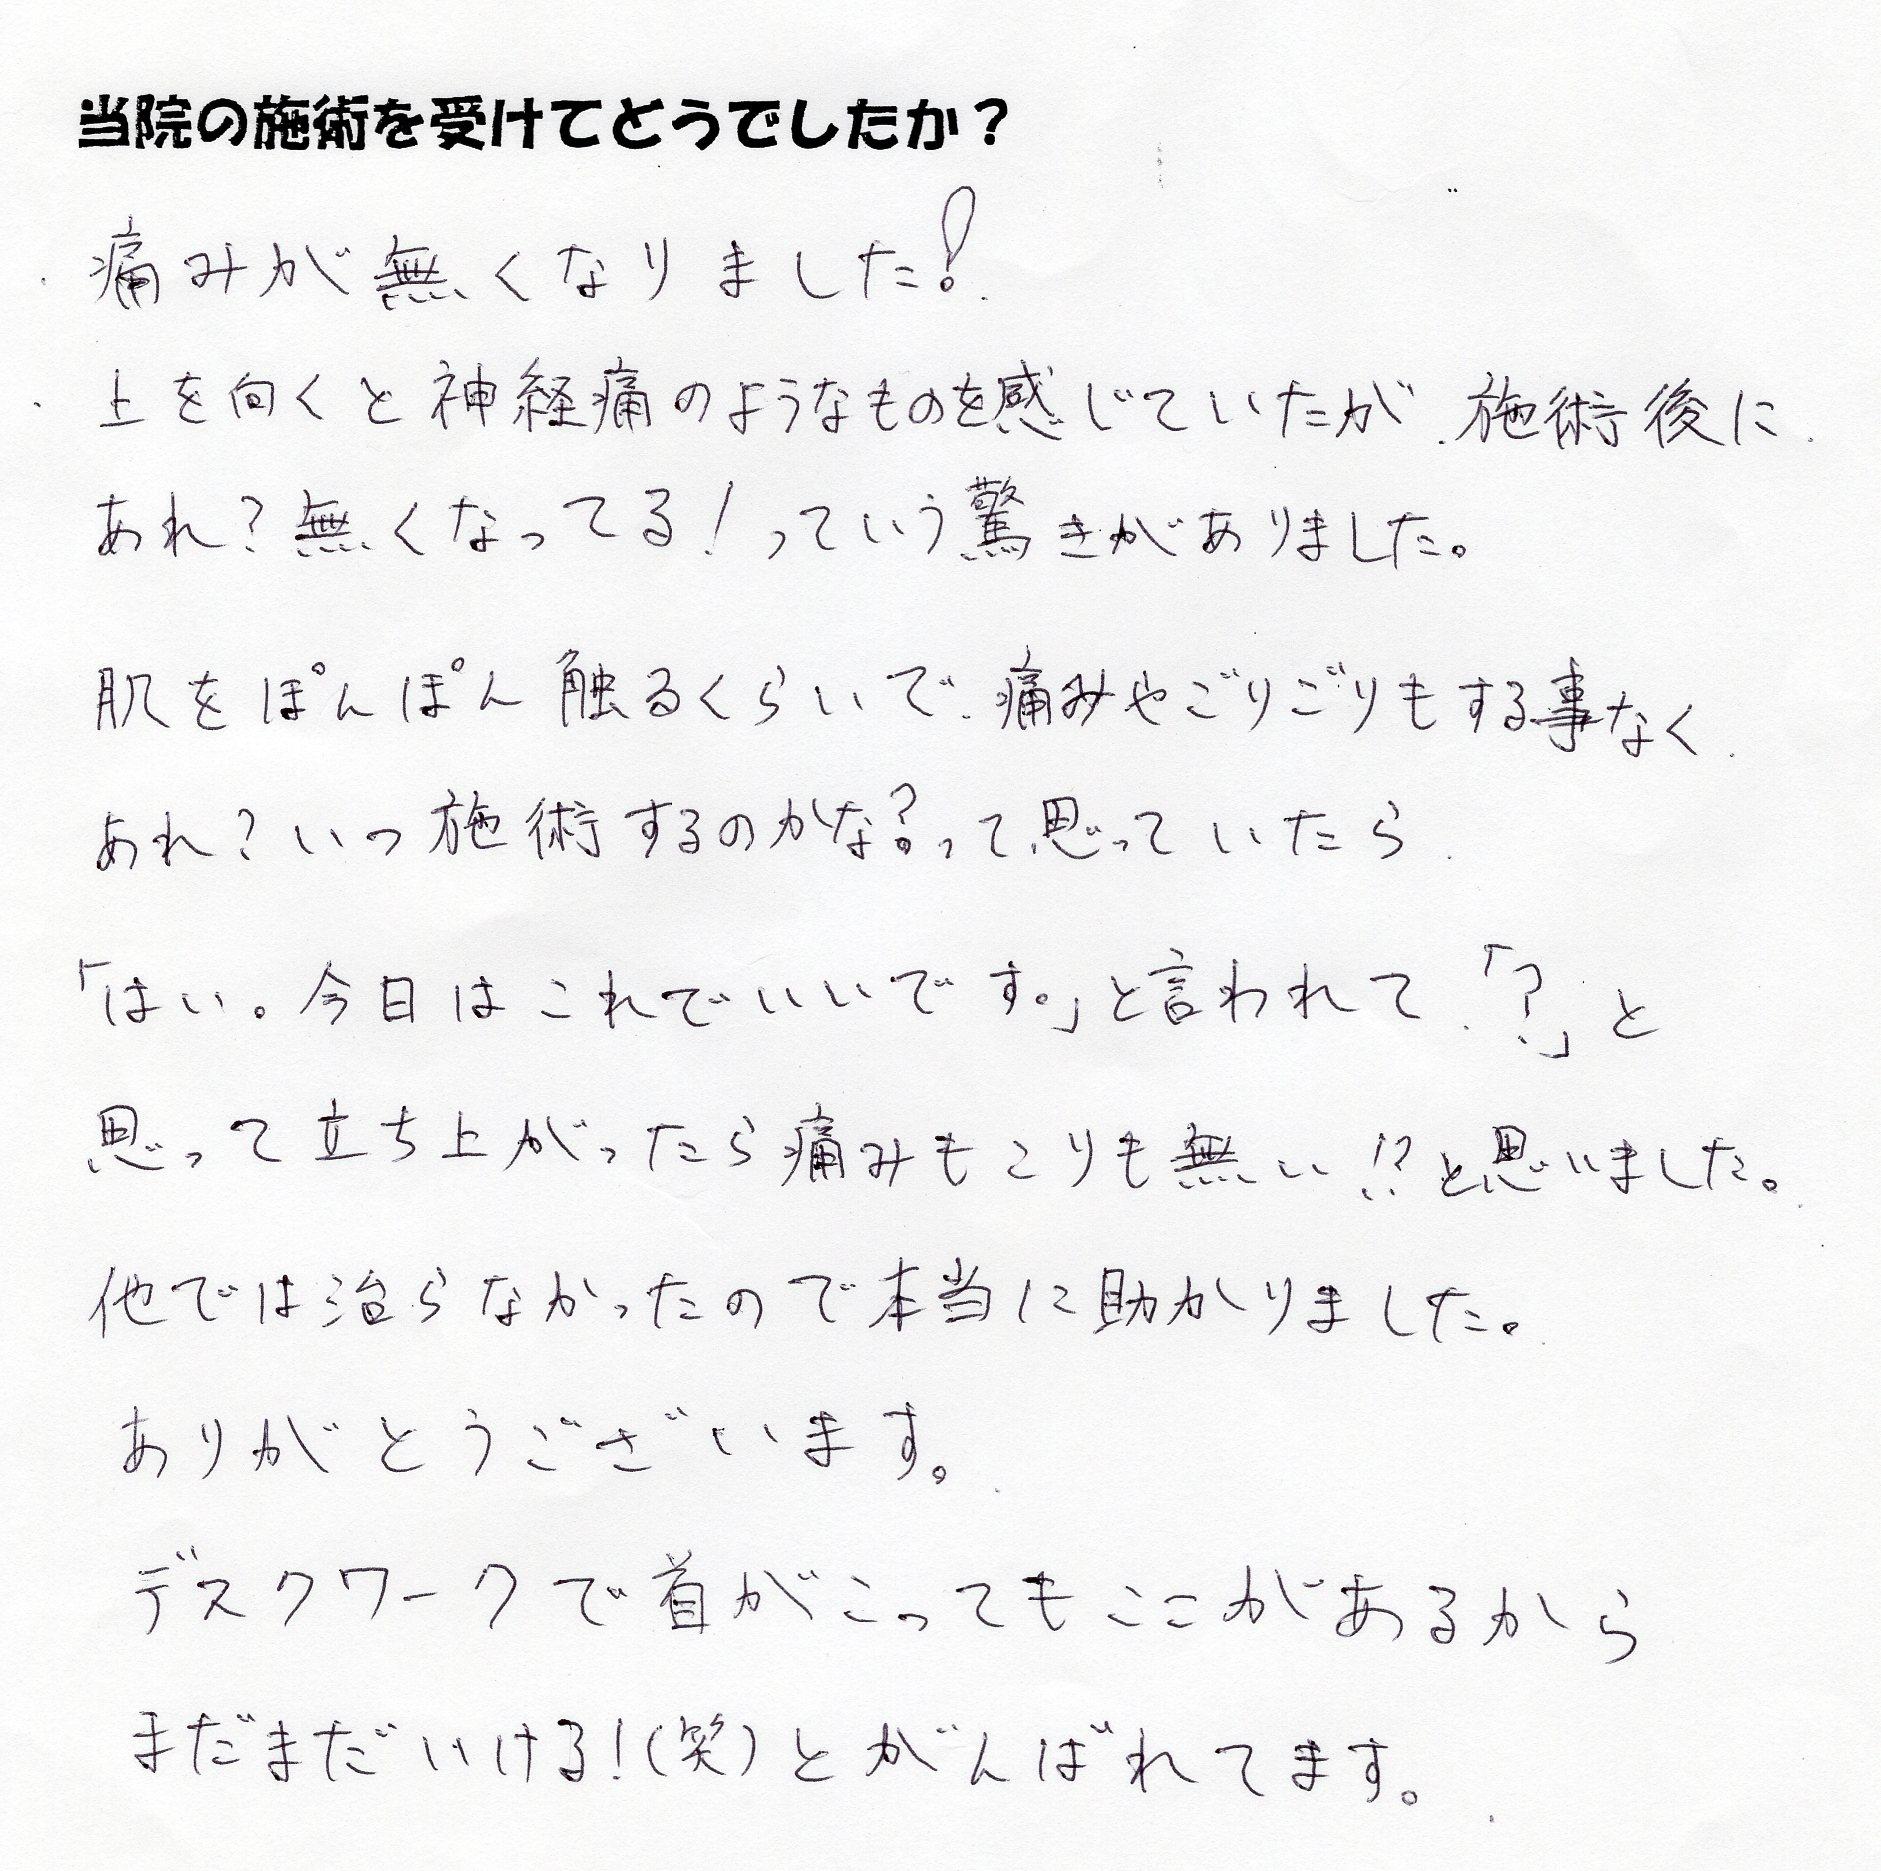 福岡市中央区、城南区の首痛、首こり、肩こり、腰痛は女性人気の福岡整体へ。